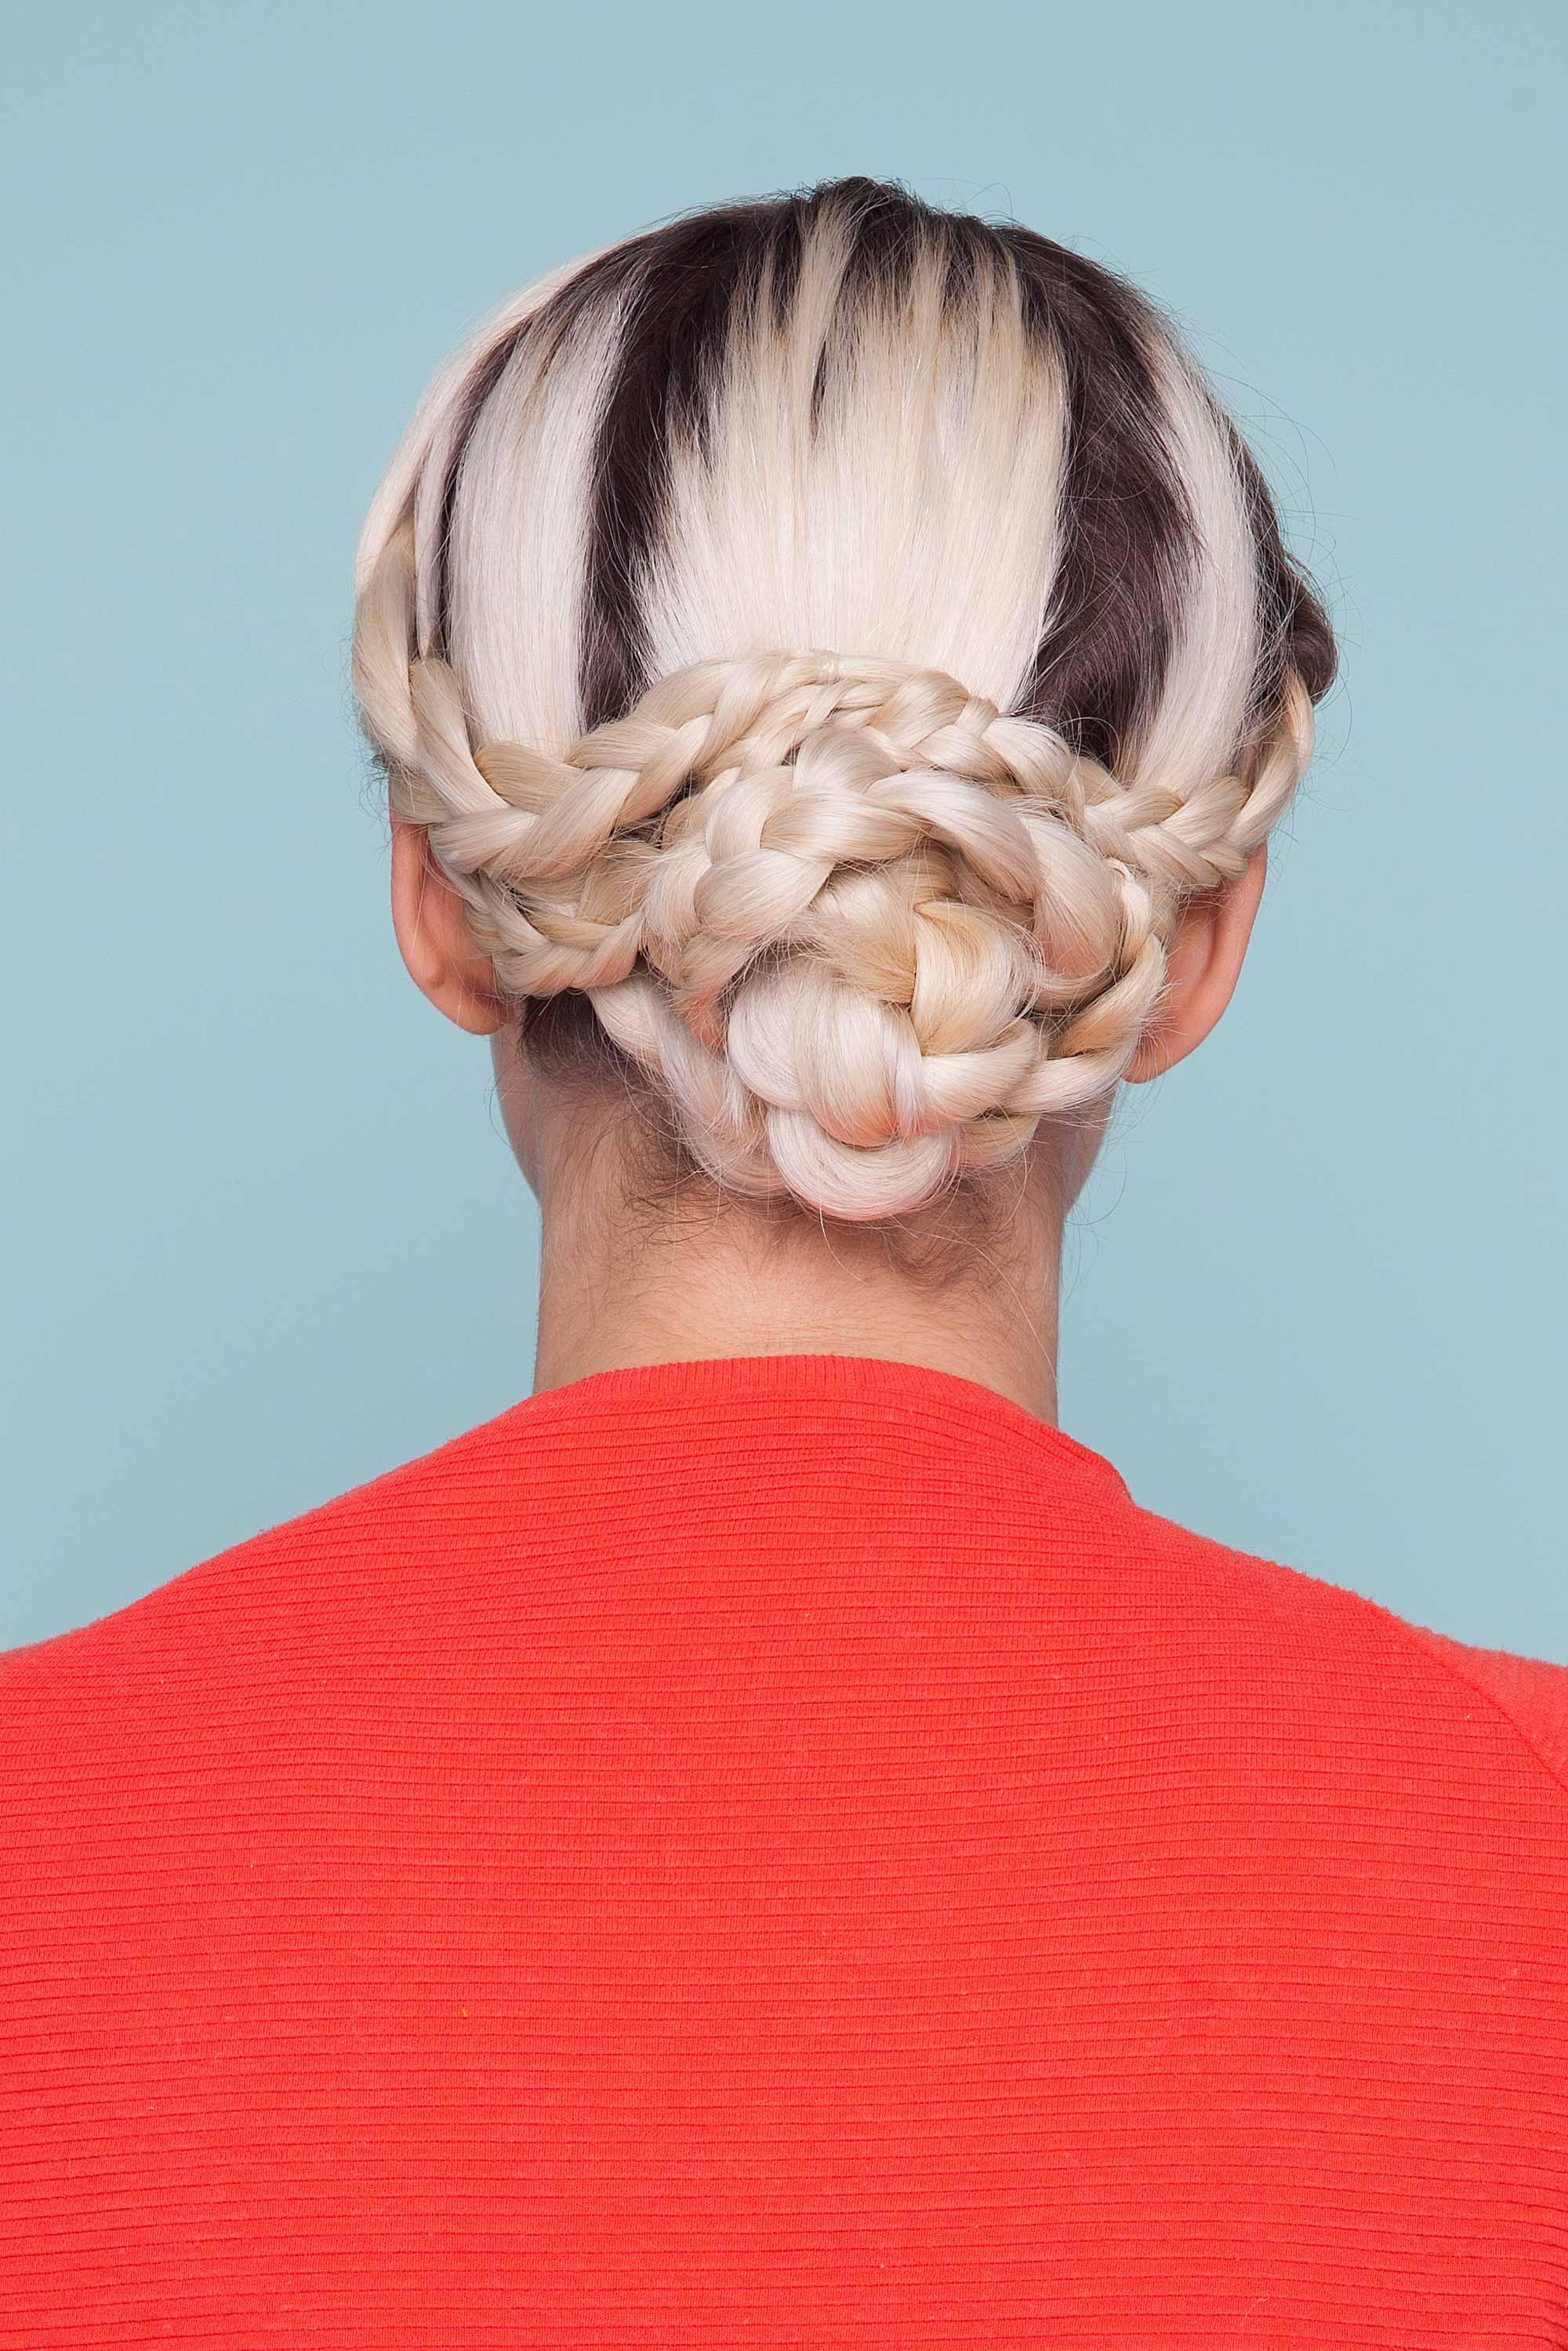 Woman wearing festival braids in an updo.